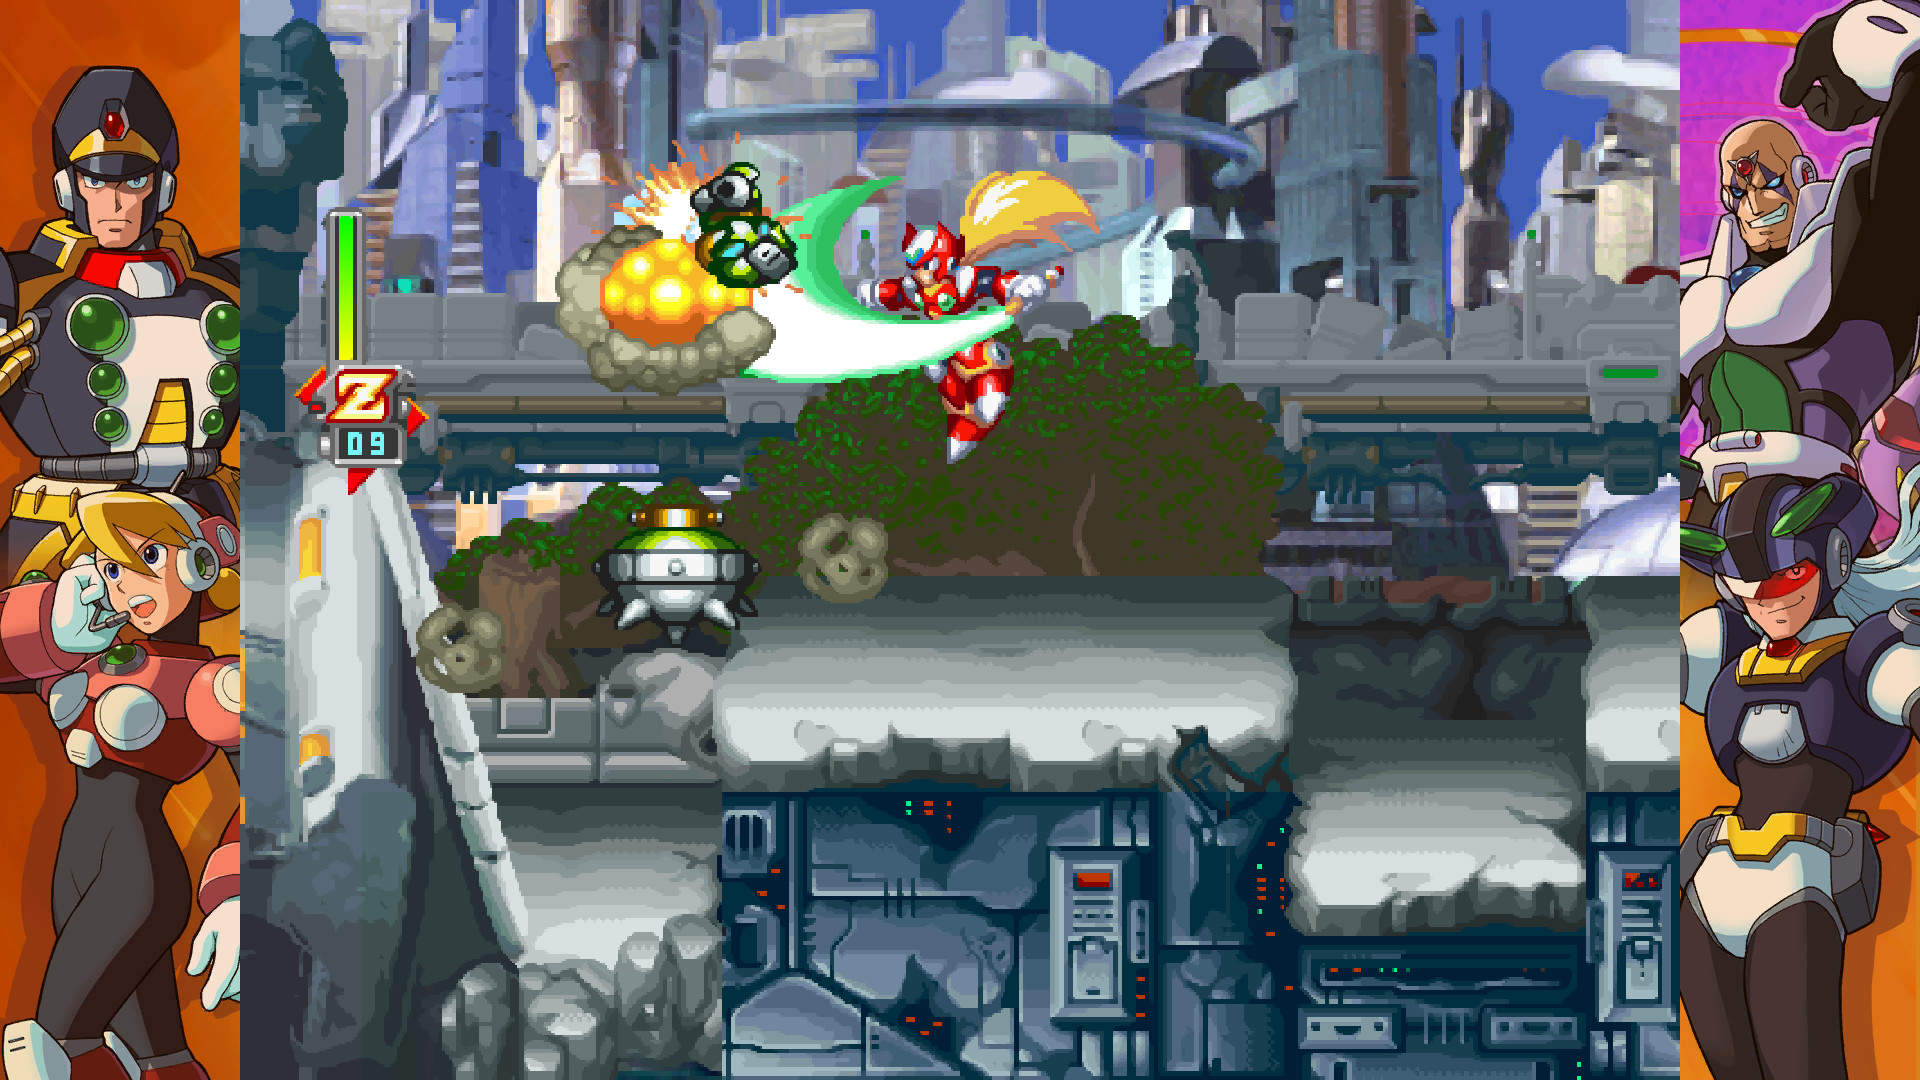 Zero: He's like Mega Man, but better.